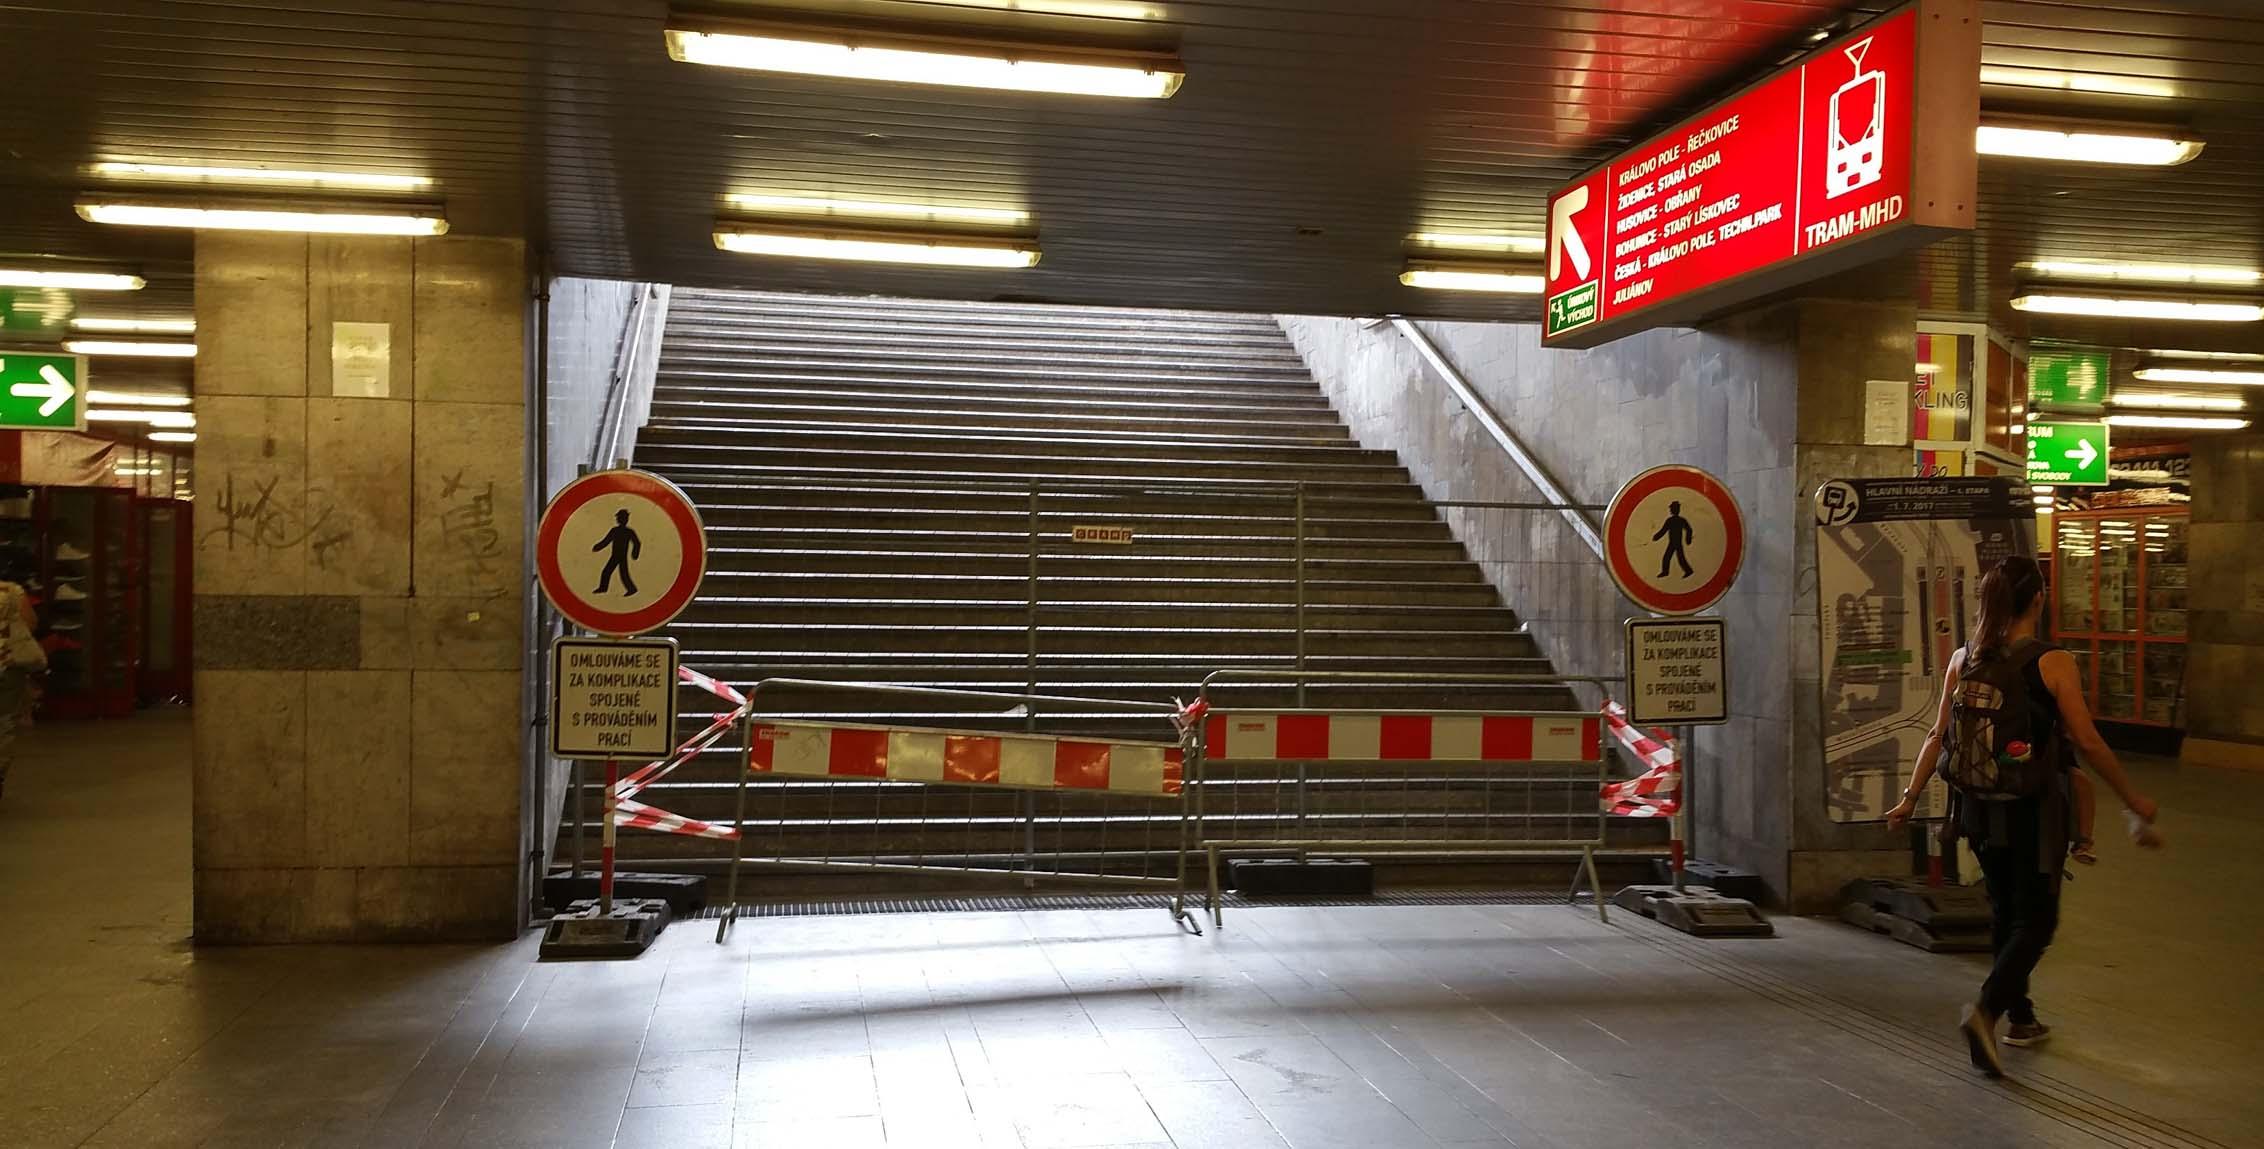 Z podchodu pod nádražím nahoru na šaliny